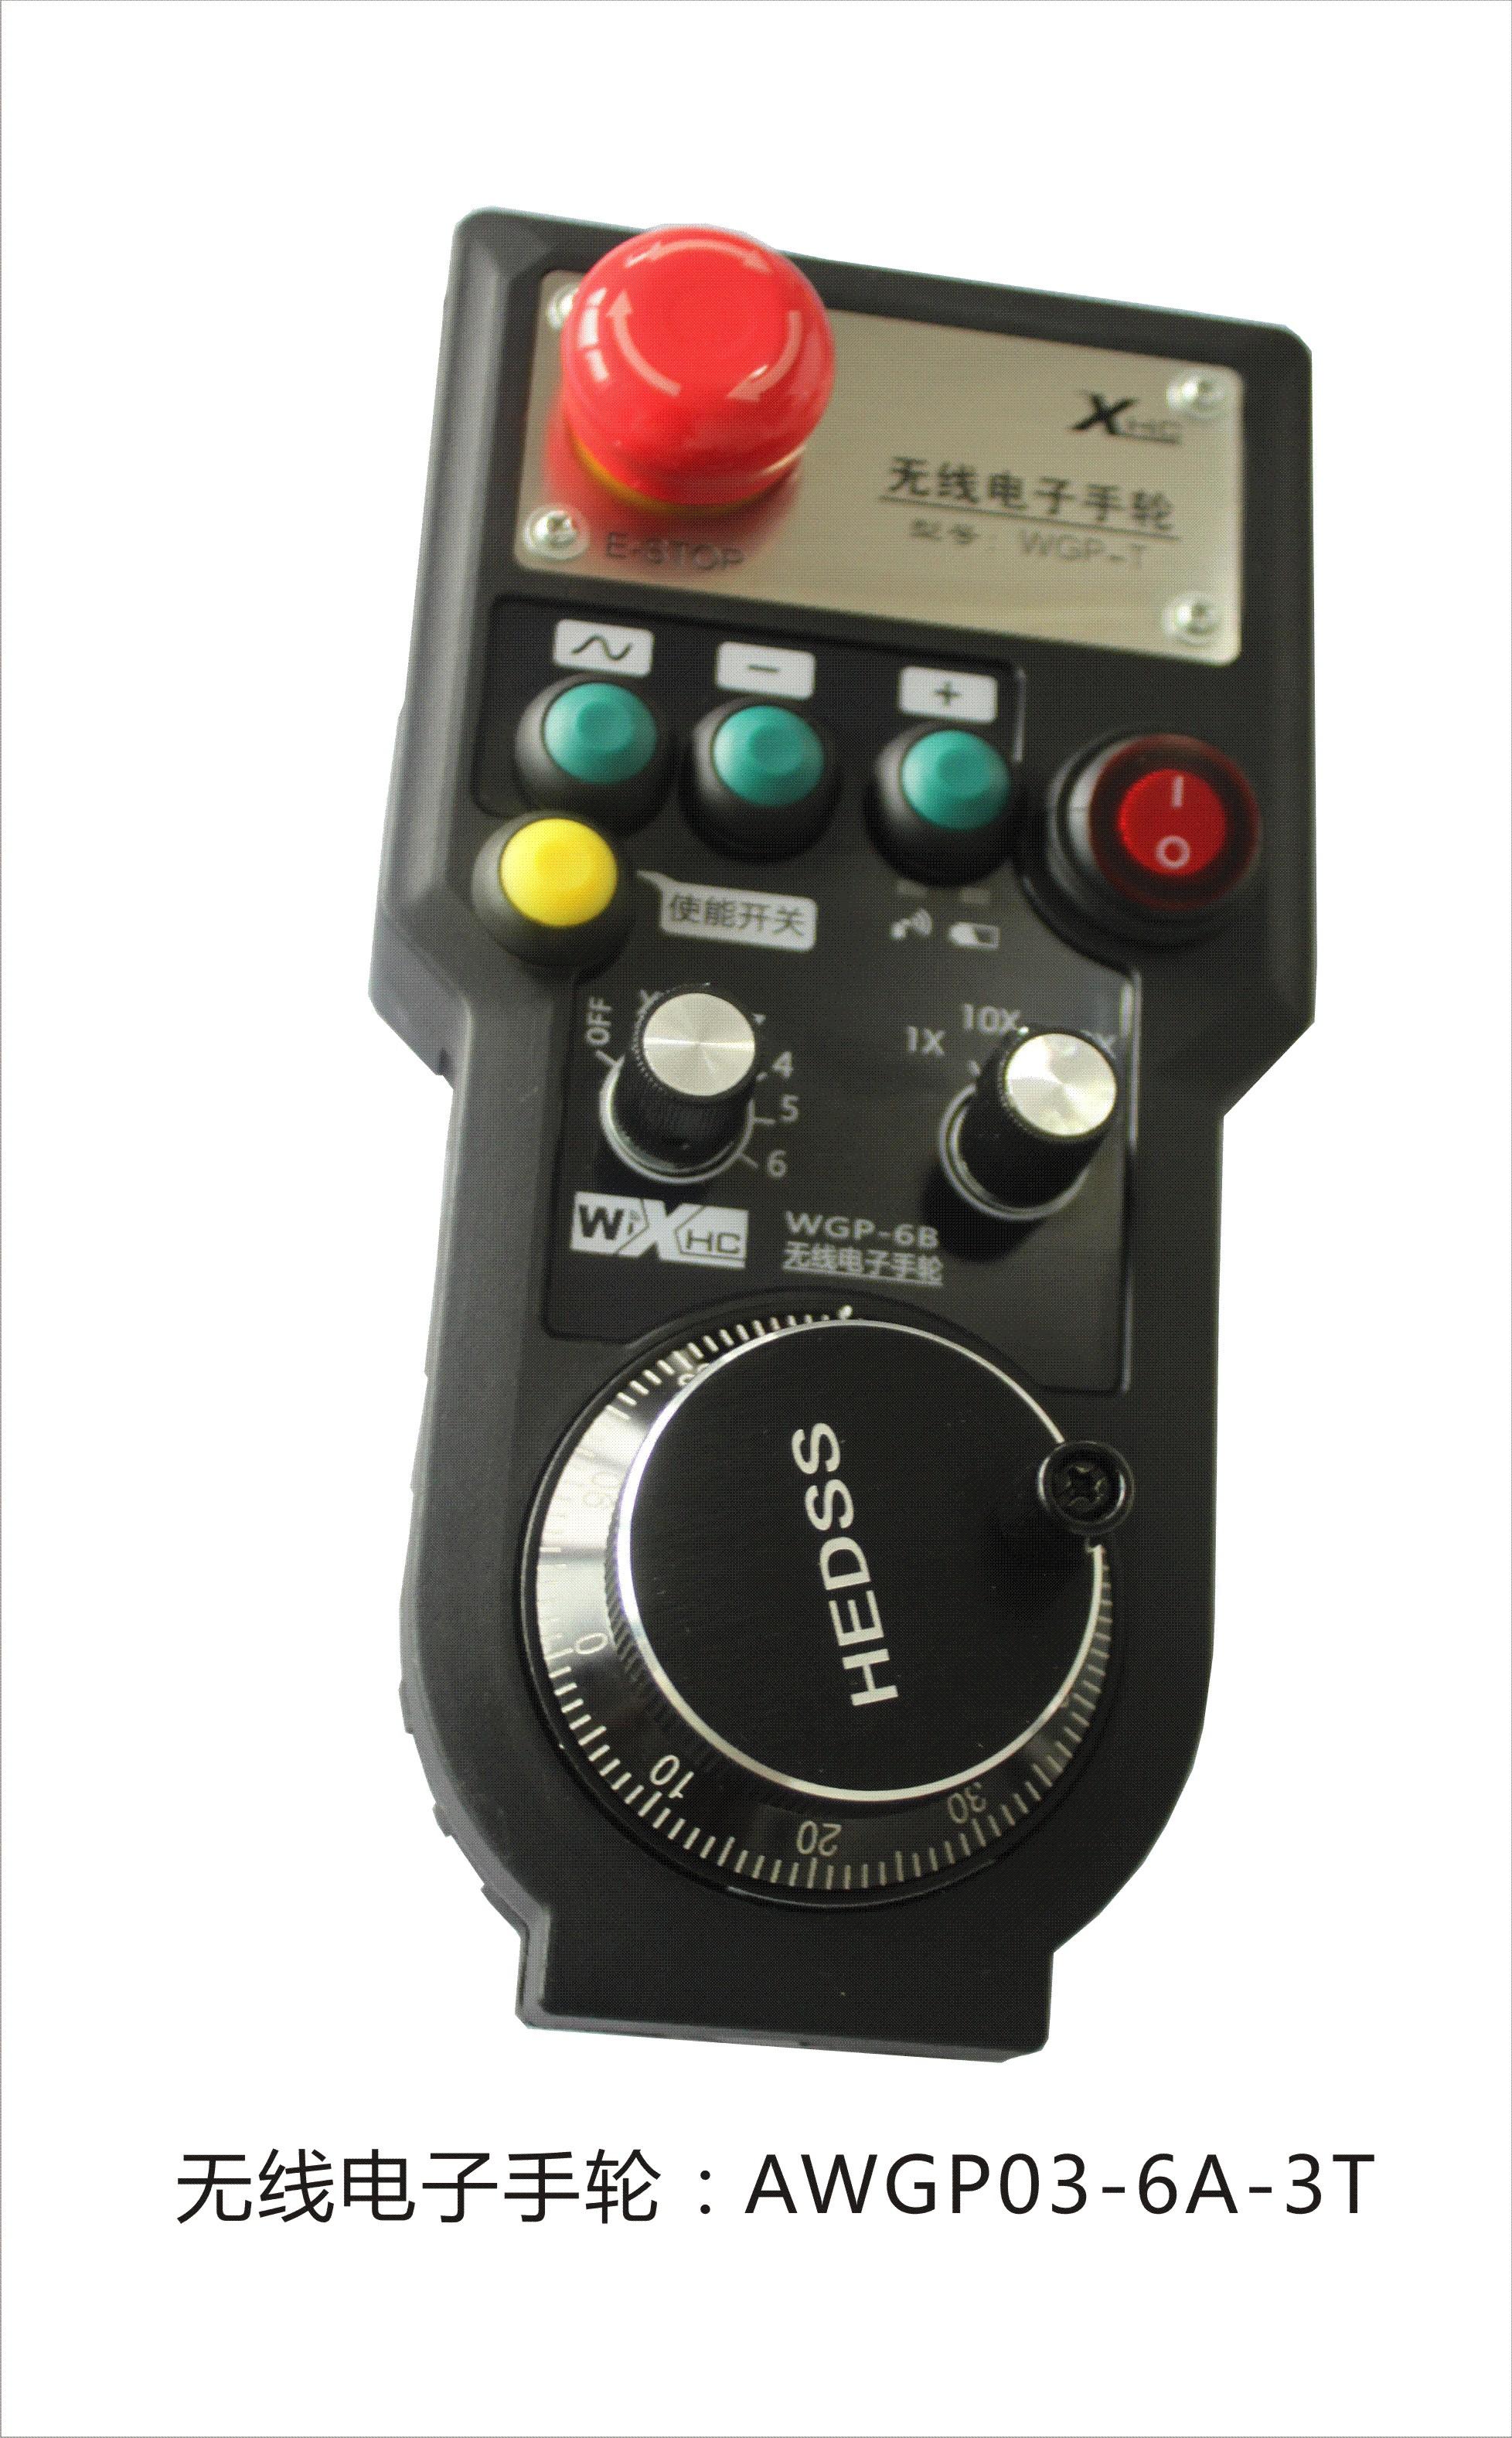 一、应用领域 适用于德国西门子(SIEMENS)、日本三菱(MITSUBISHI)、法那科(FANUC)、西班牙发格(FAGOR)、法国NUM、台湾宝元、新代等数控系统。 二、使用示意图  三、产品外观说明  四、产品特点 1 采用跳频传输,抗干扰能力强 采用433MHZ,ISM无线FR传输技术,发射功率10DB,接受灵敏度-98DB.